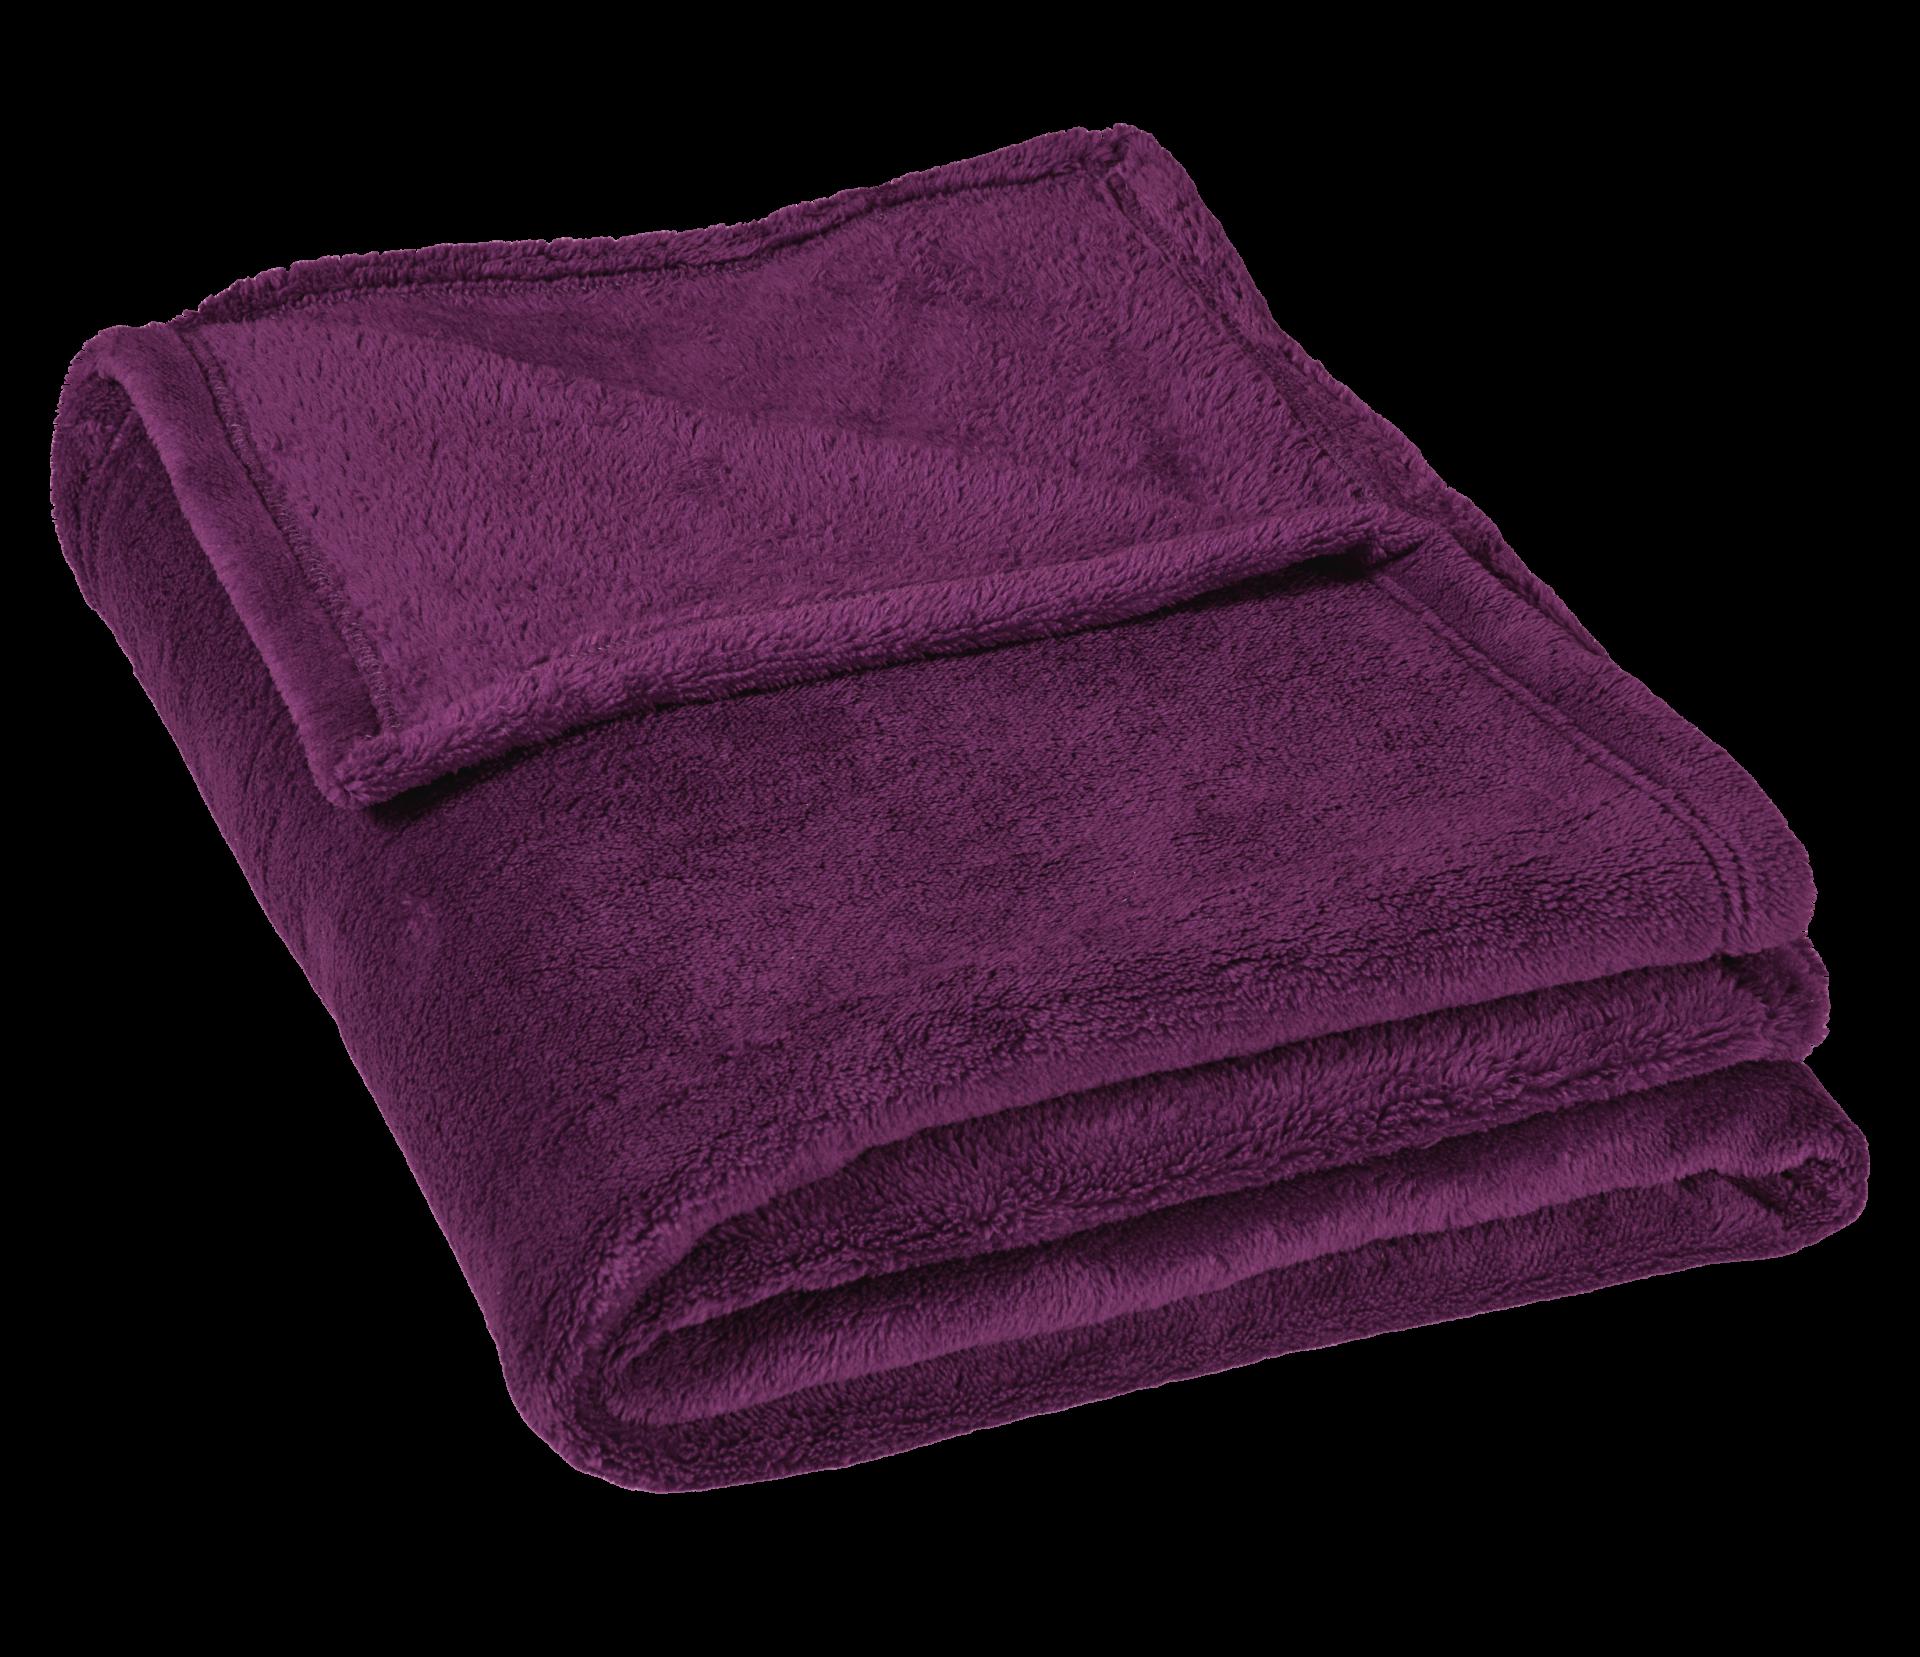 Micro deka jednolůžko 150x200cm fialová 300g/m2